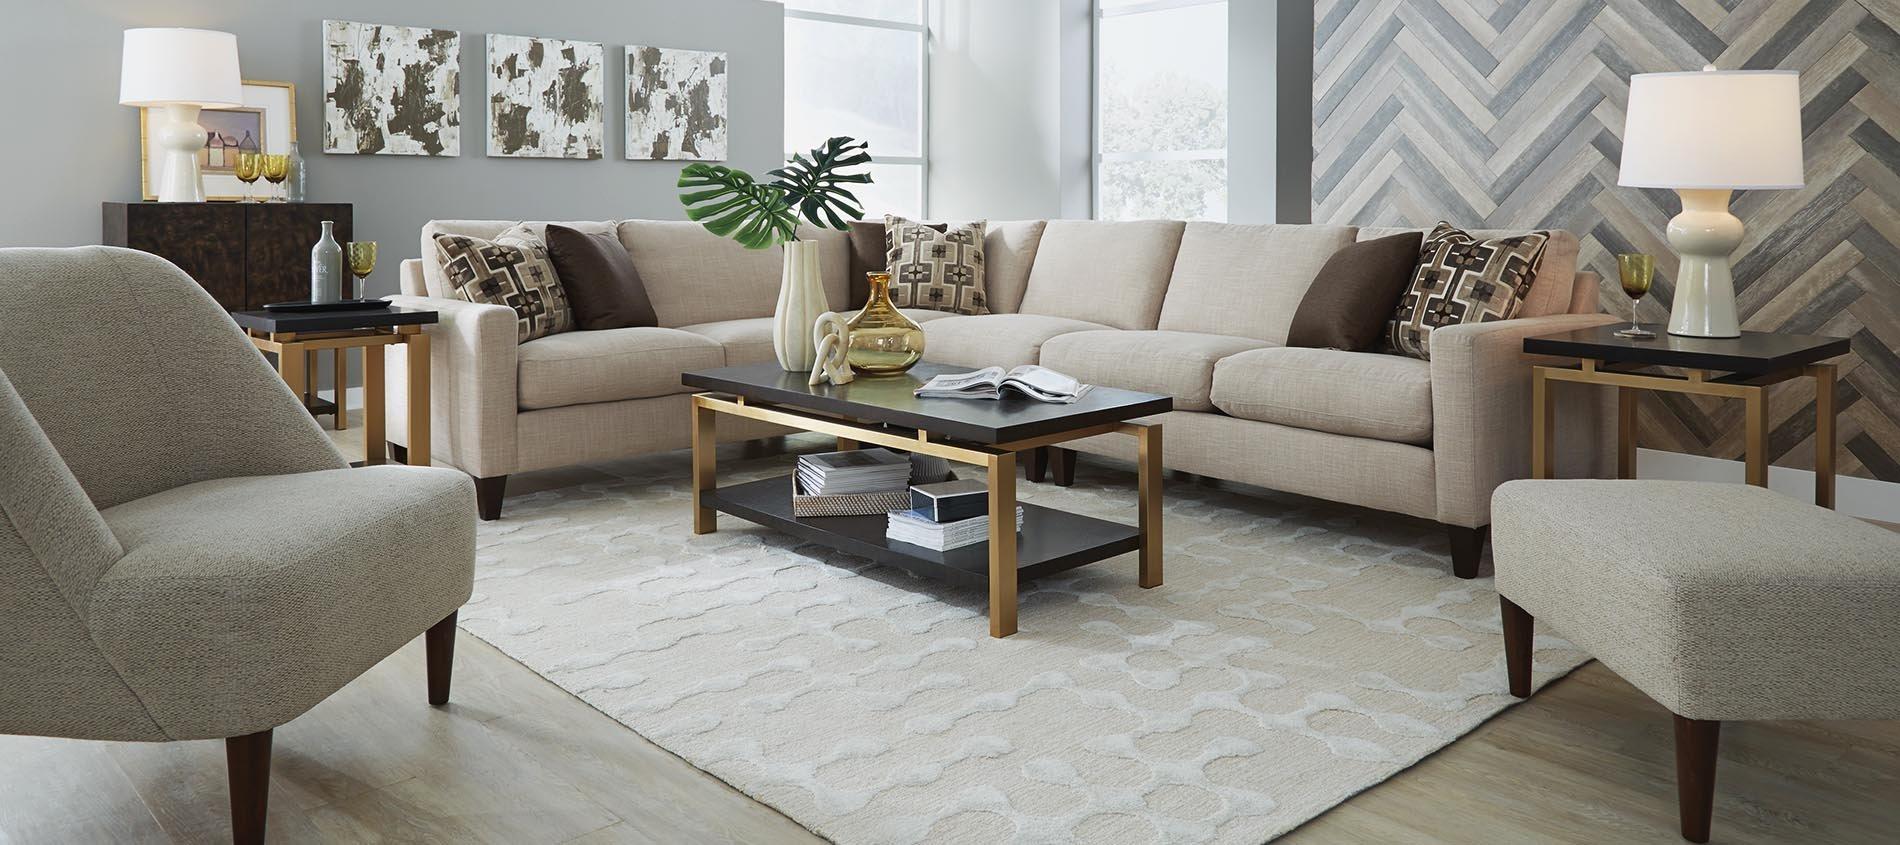 flexsteel custom furniture options